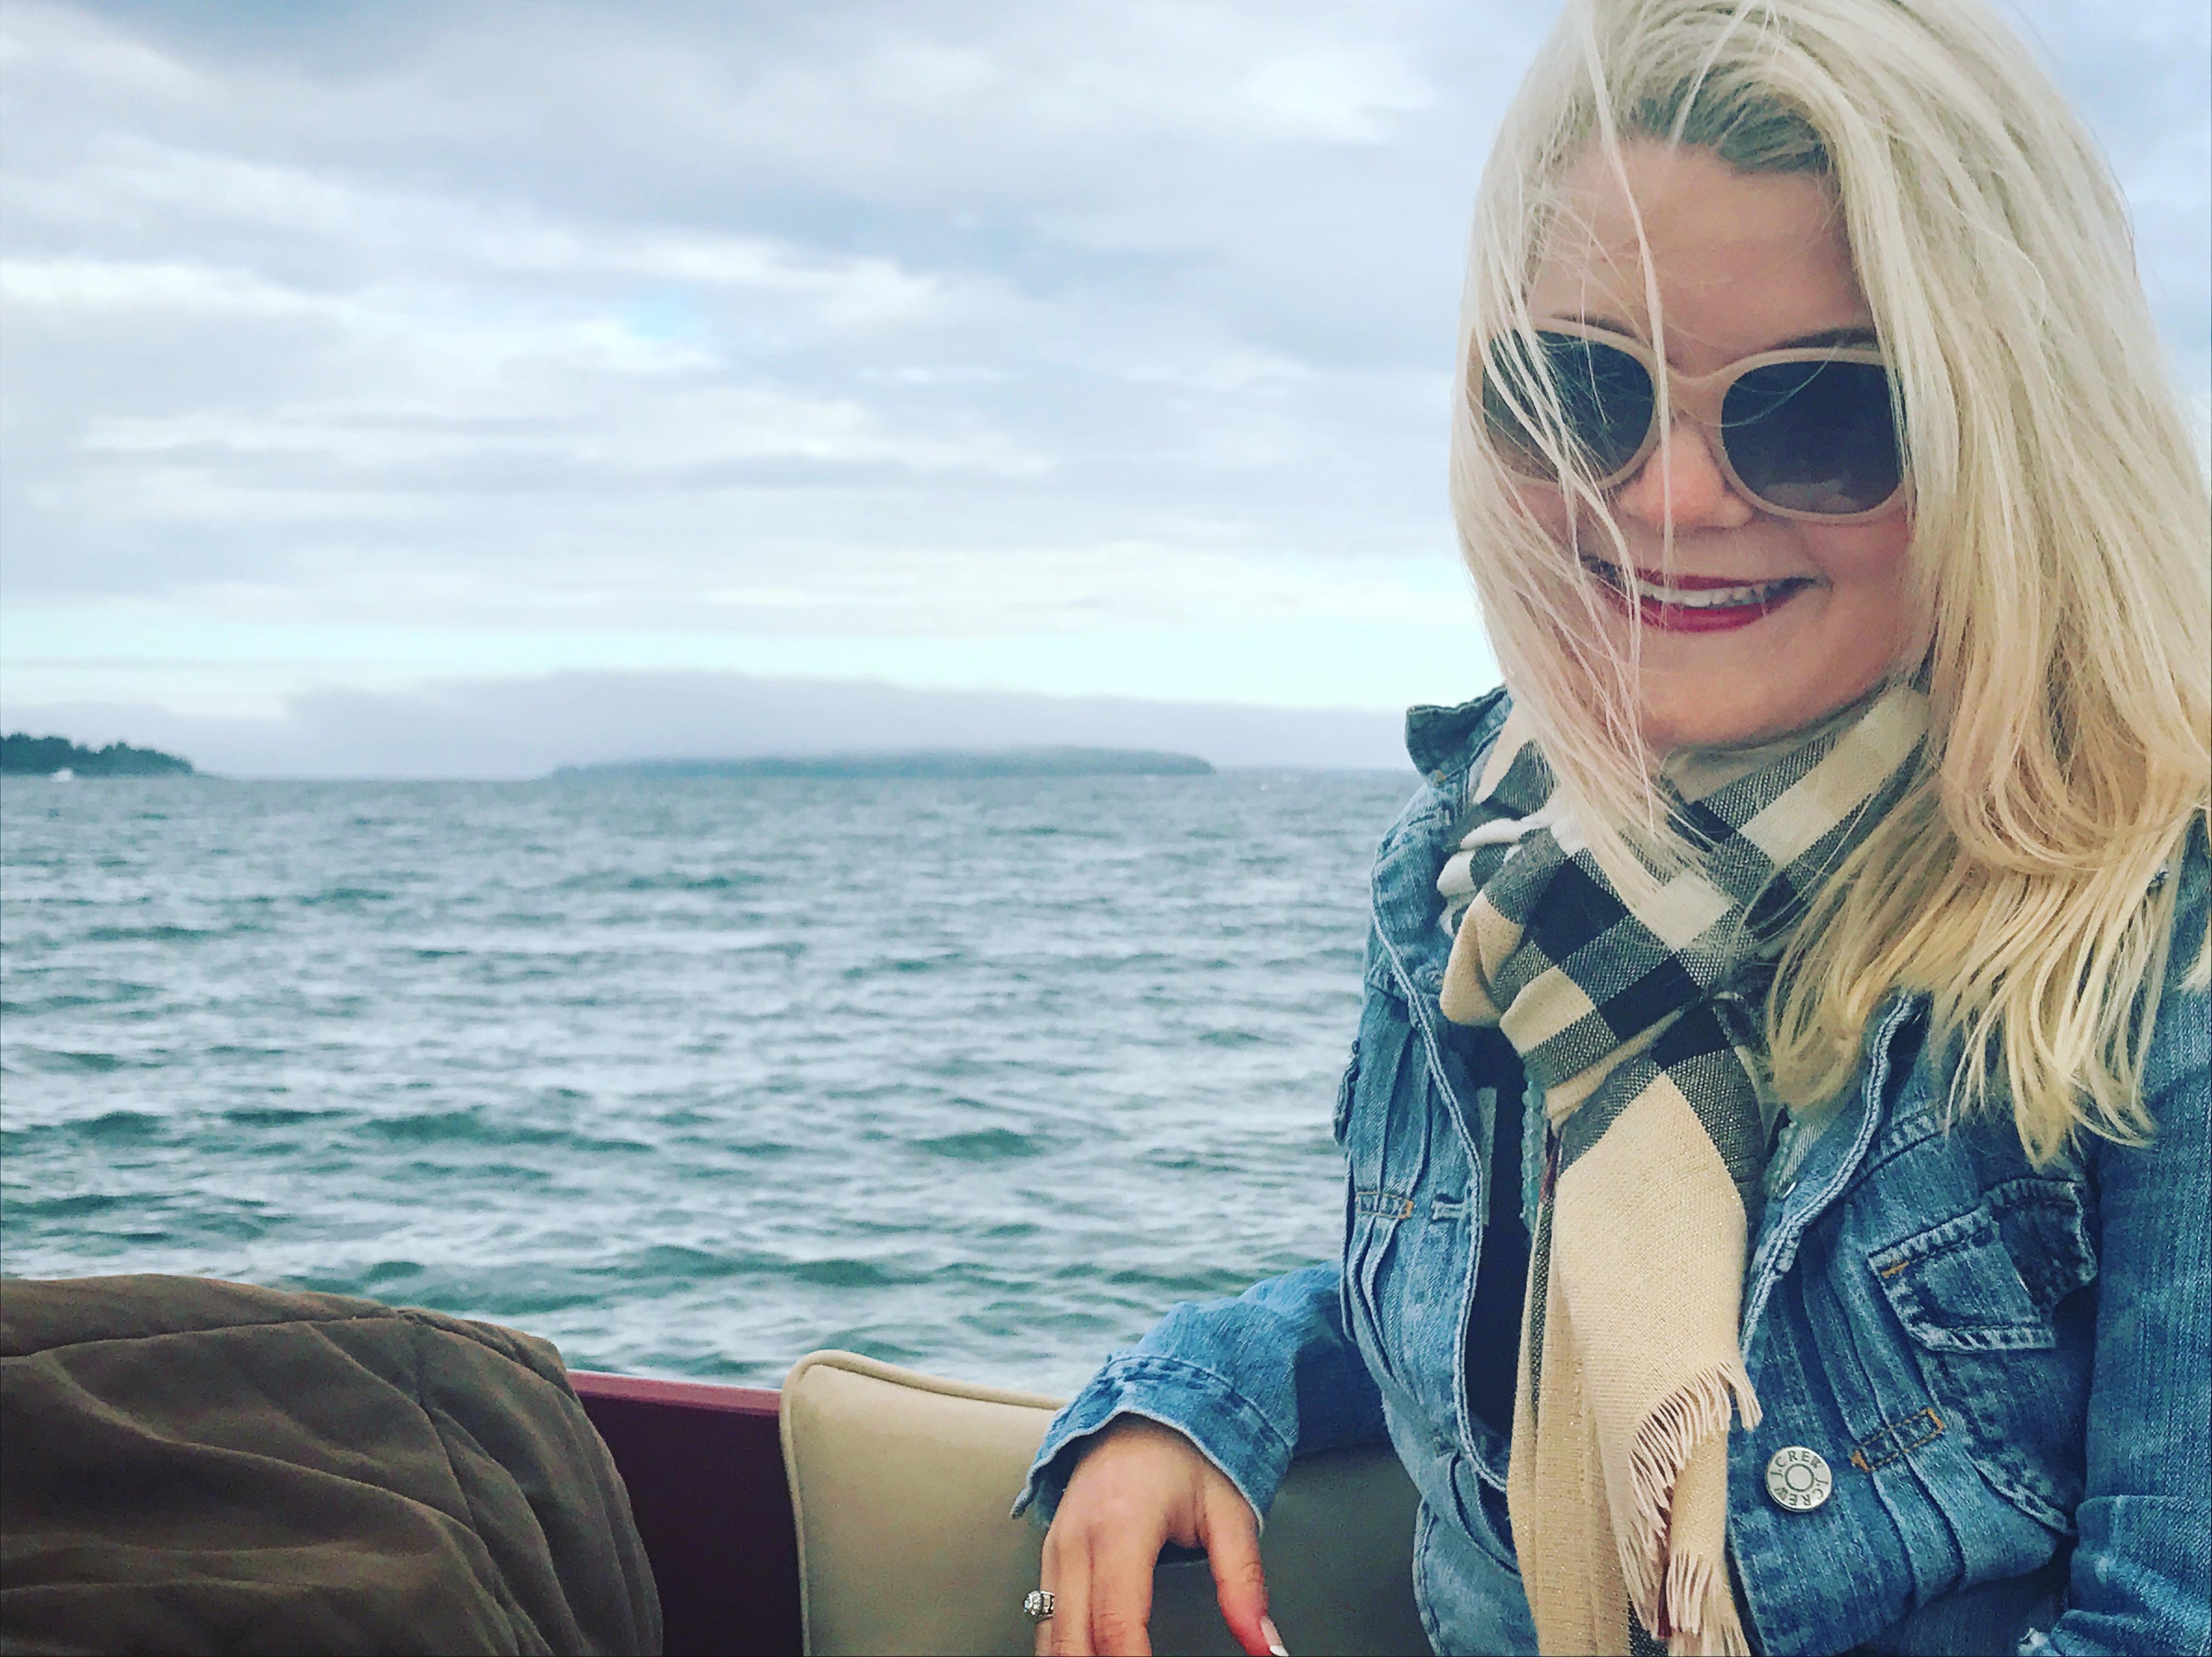 Wanderlusting: Bass Harbor and Sailing